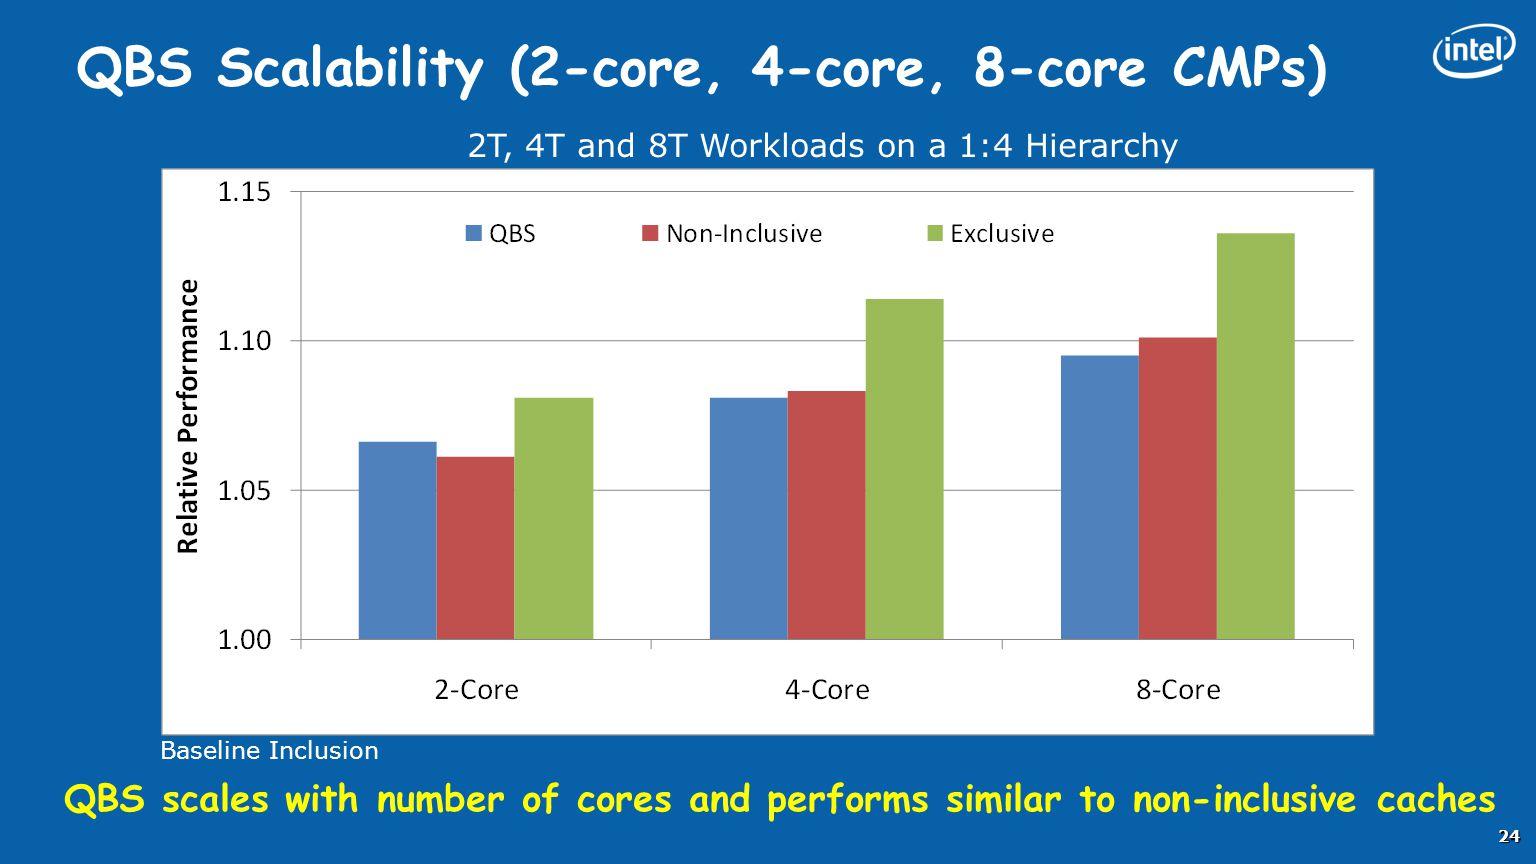 QBS Scalability (2-core, 4-core, 8-core CMPs)